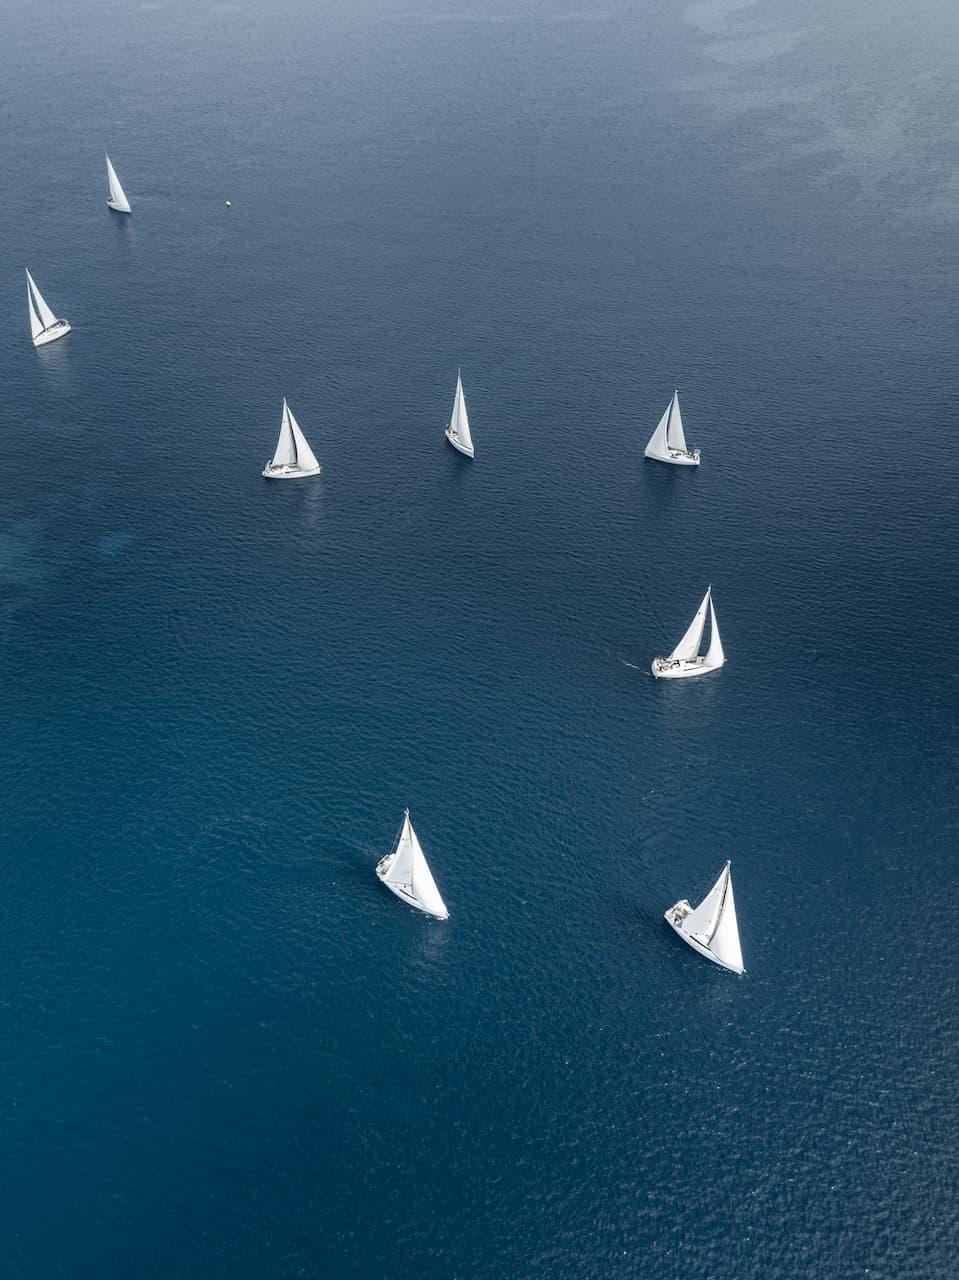 segelbåtar-på-havet